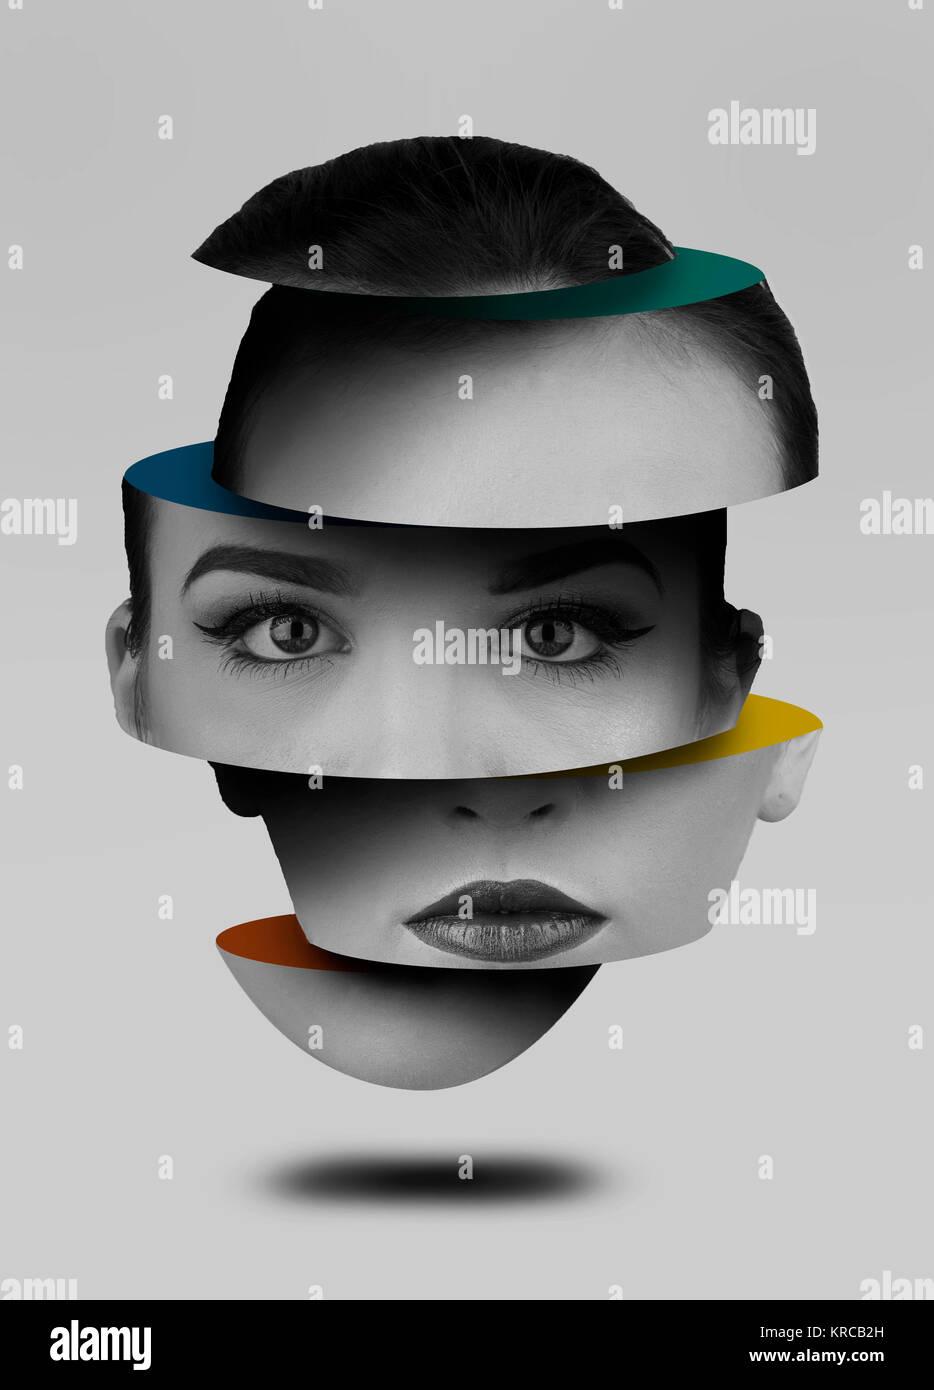 Photoshop, Photoshop Compilation, Photoshop Manipulation, Floating Head - Stock Image